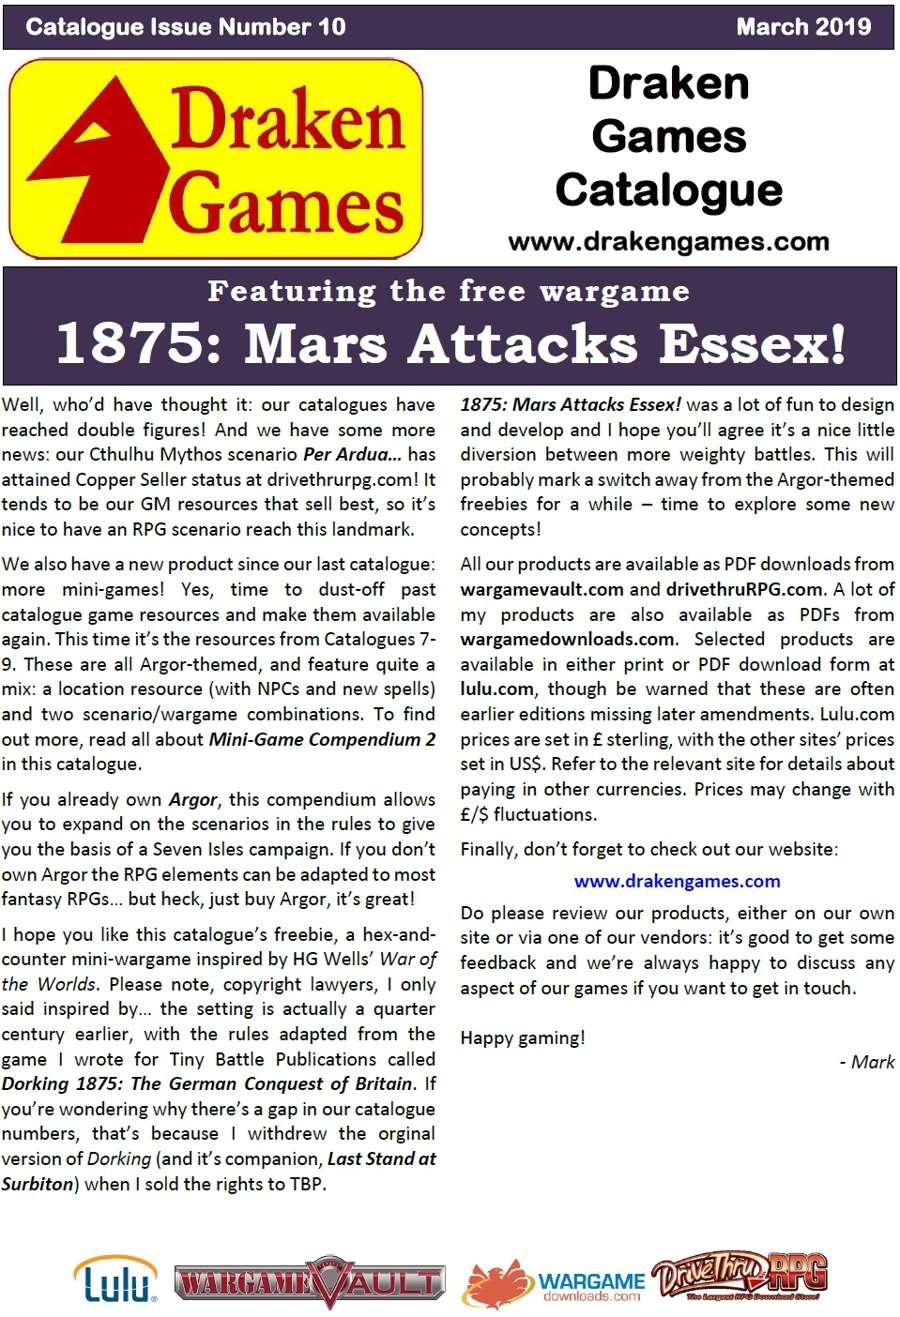 Draken Games Catalogue 10 + Free mini-game - Draken Games   Wargame